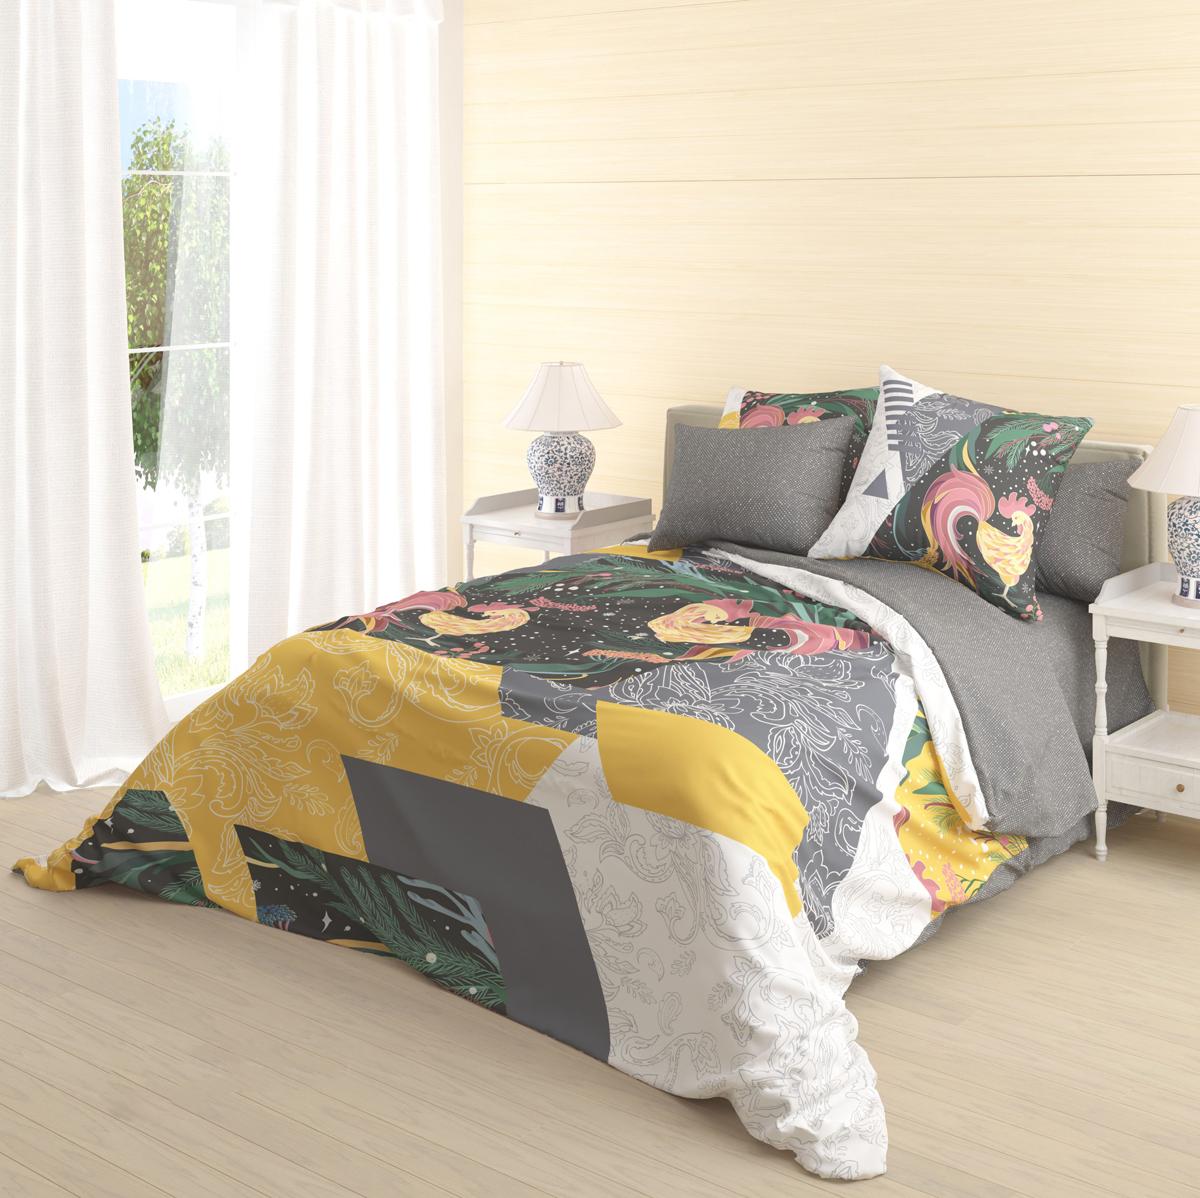 Комплект белья Волшебная ночь Zarya, 2-спальный, наволочки 70х70 см718618